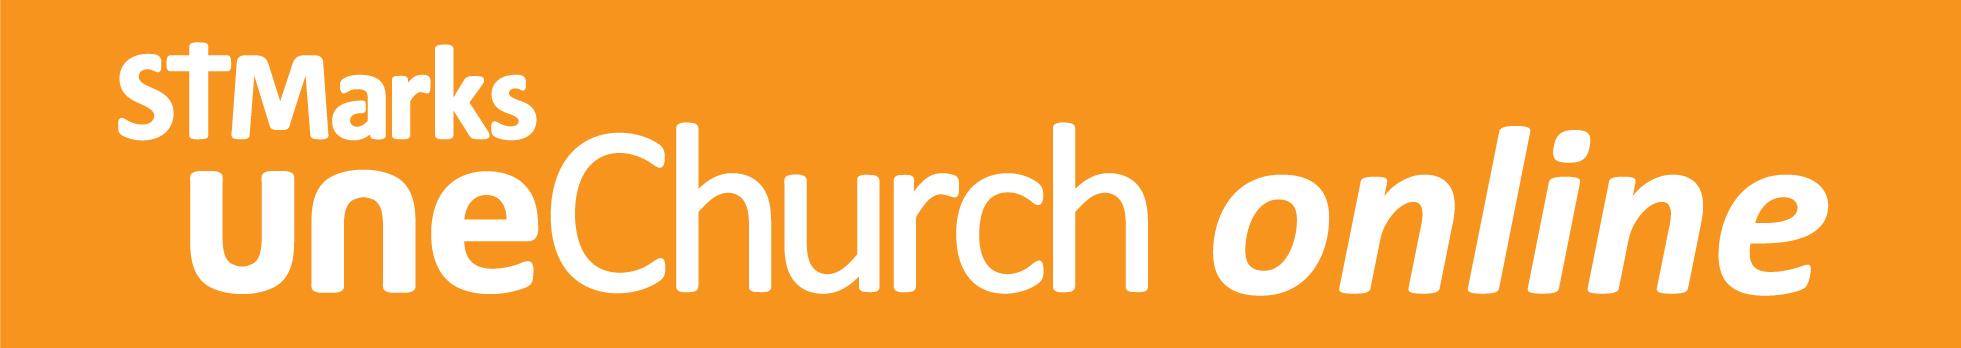 St Marks UNEchurch Online